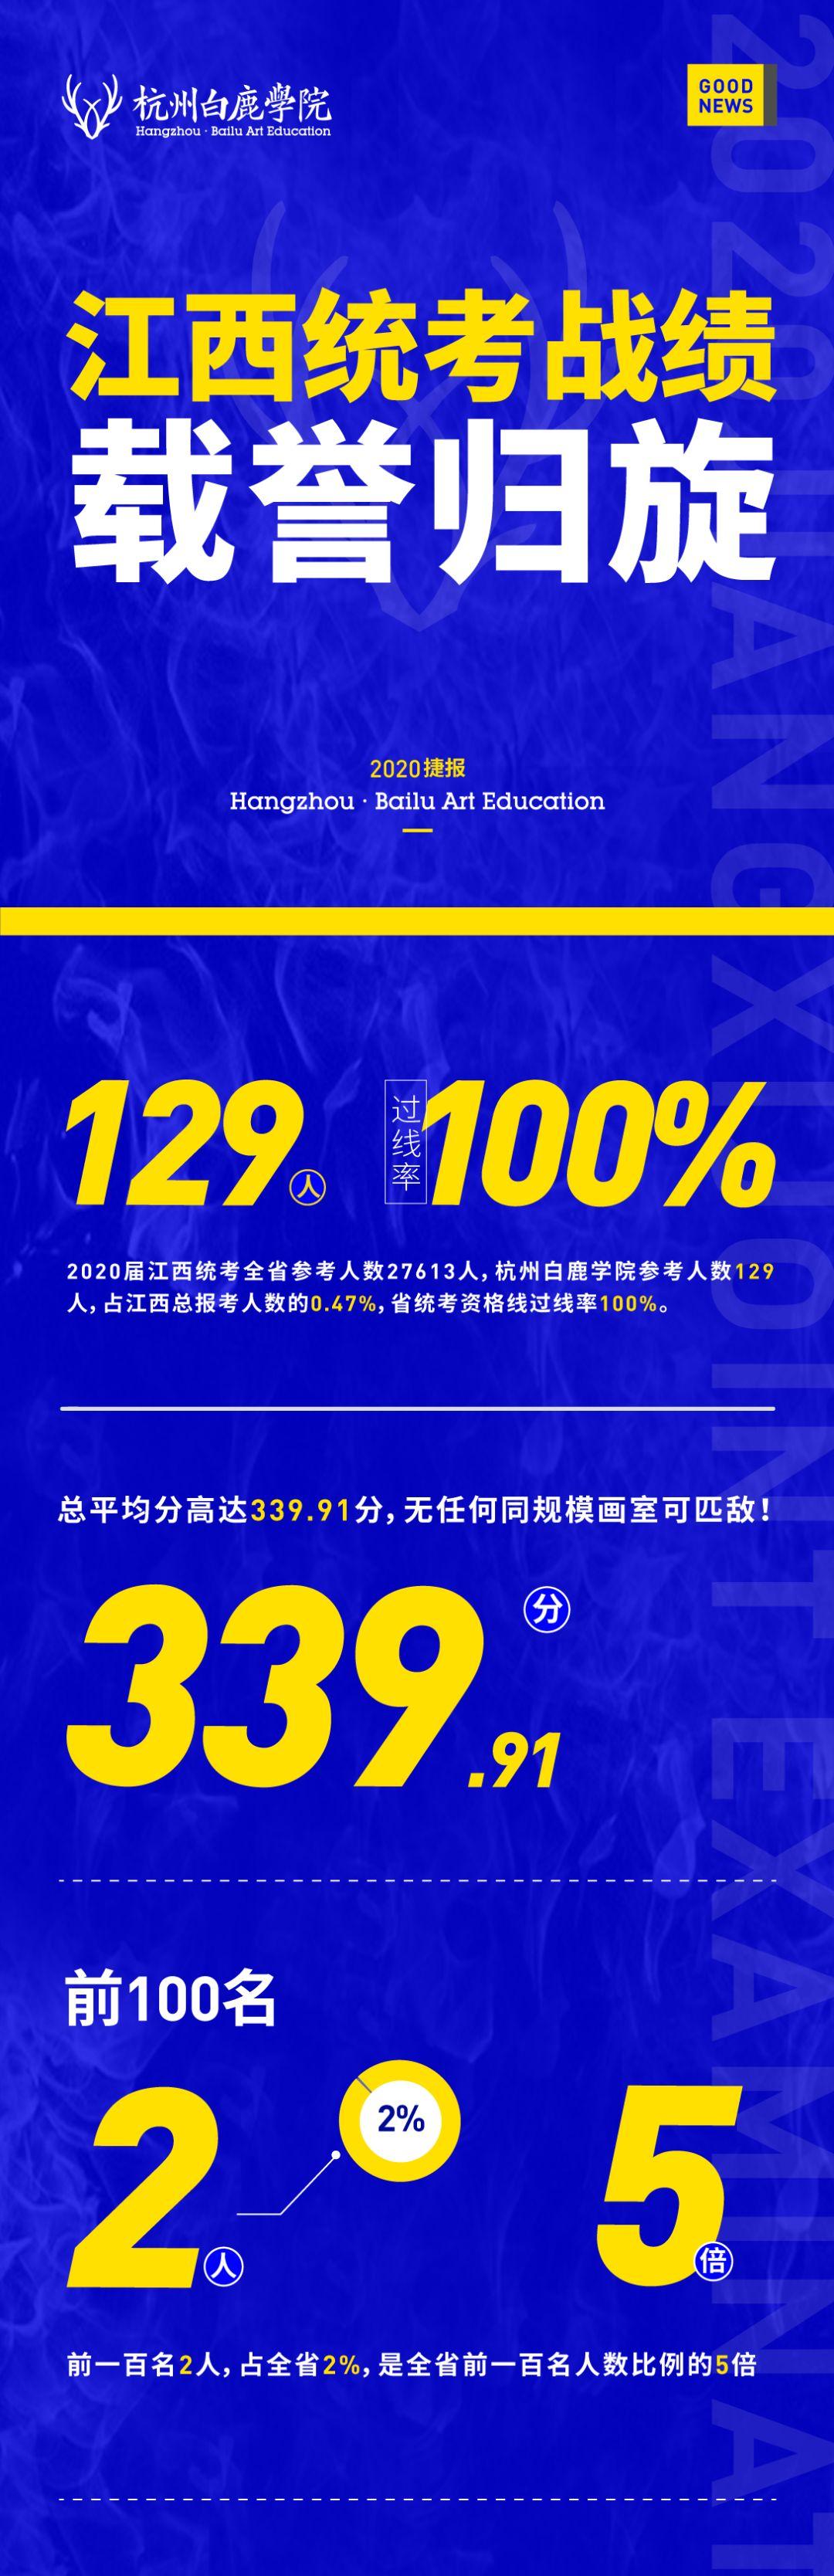 杭州画室,杭州美术培训,杭州联考美术培训,02